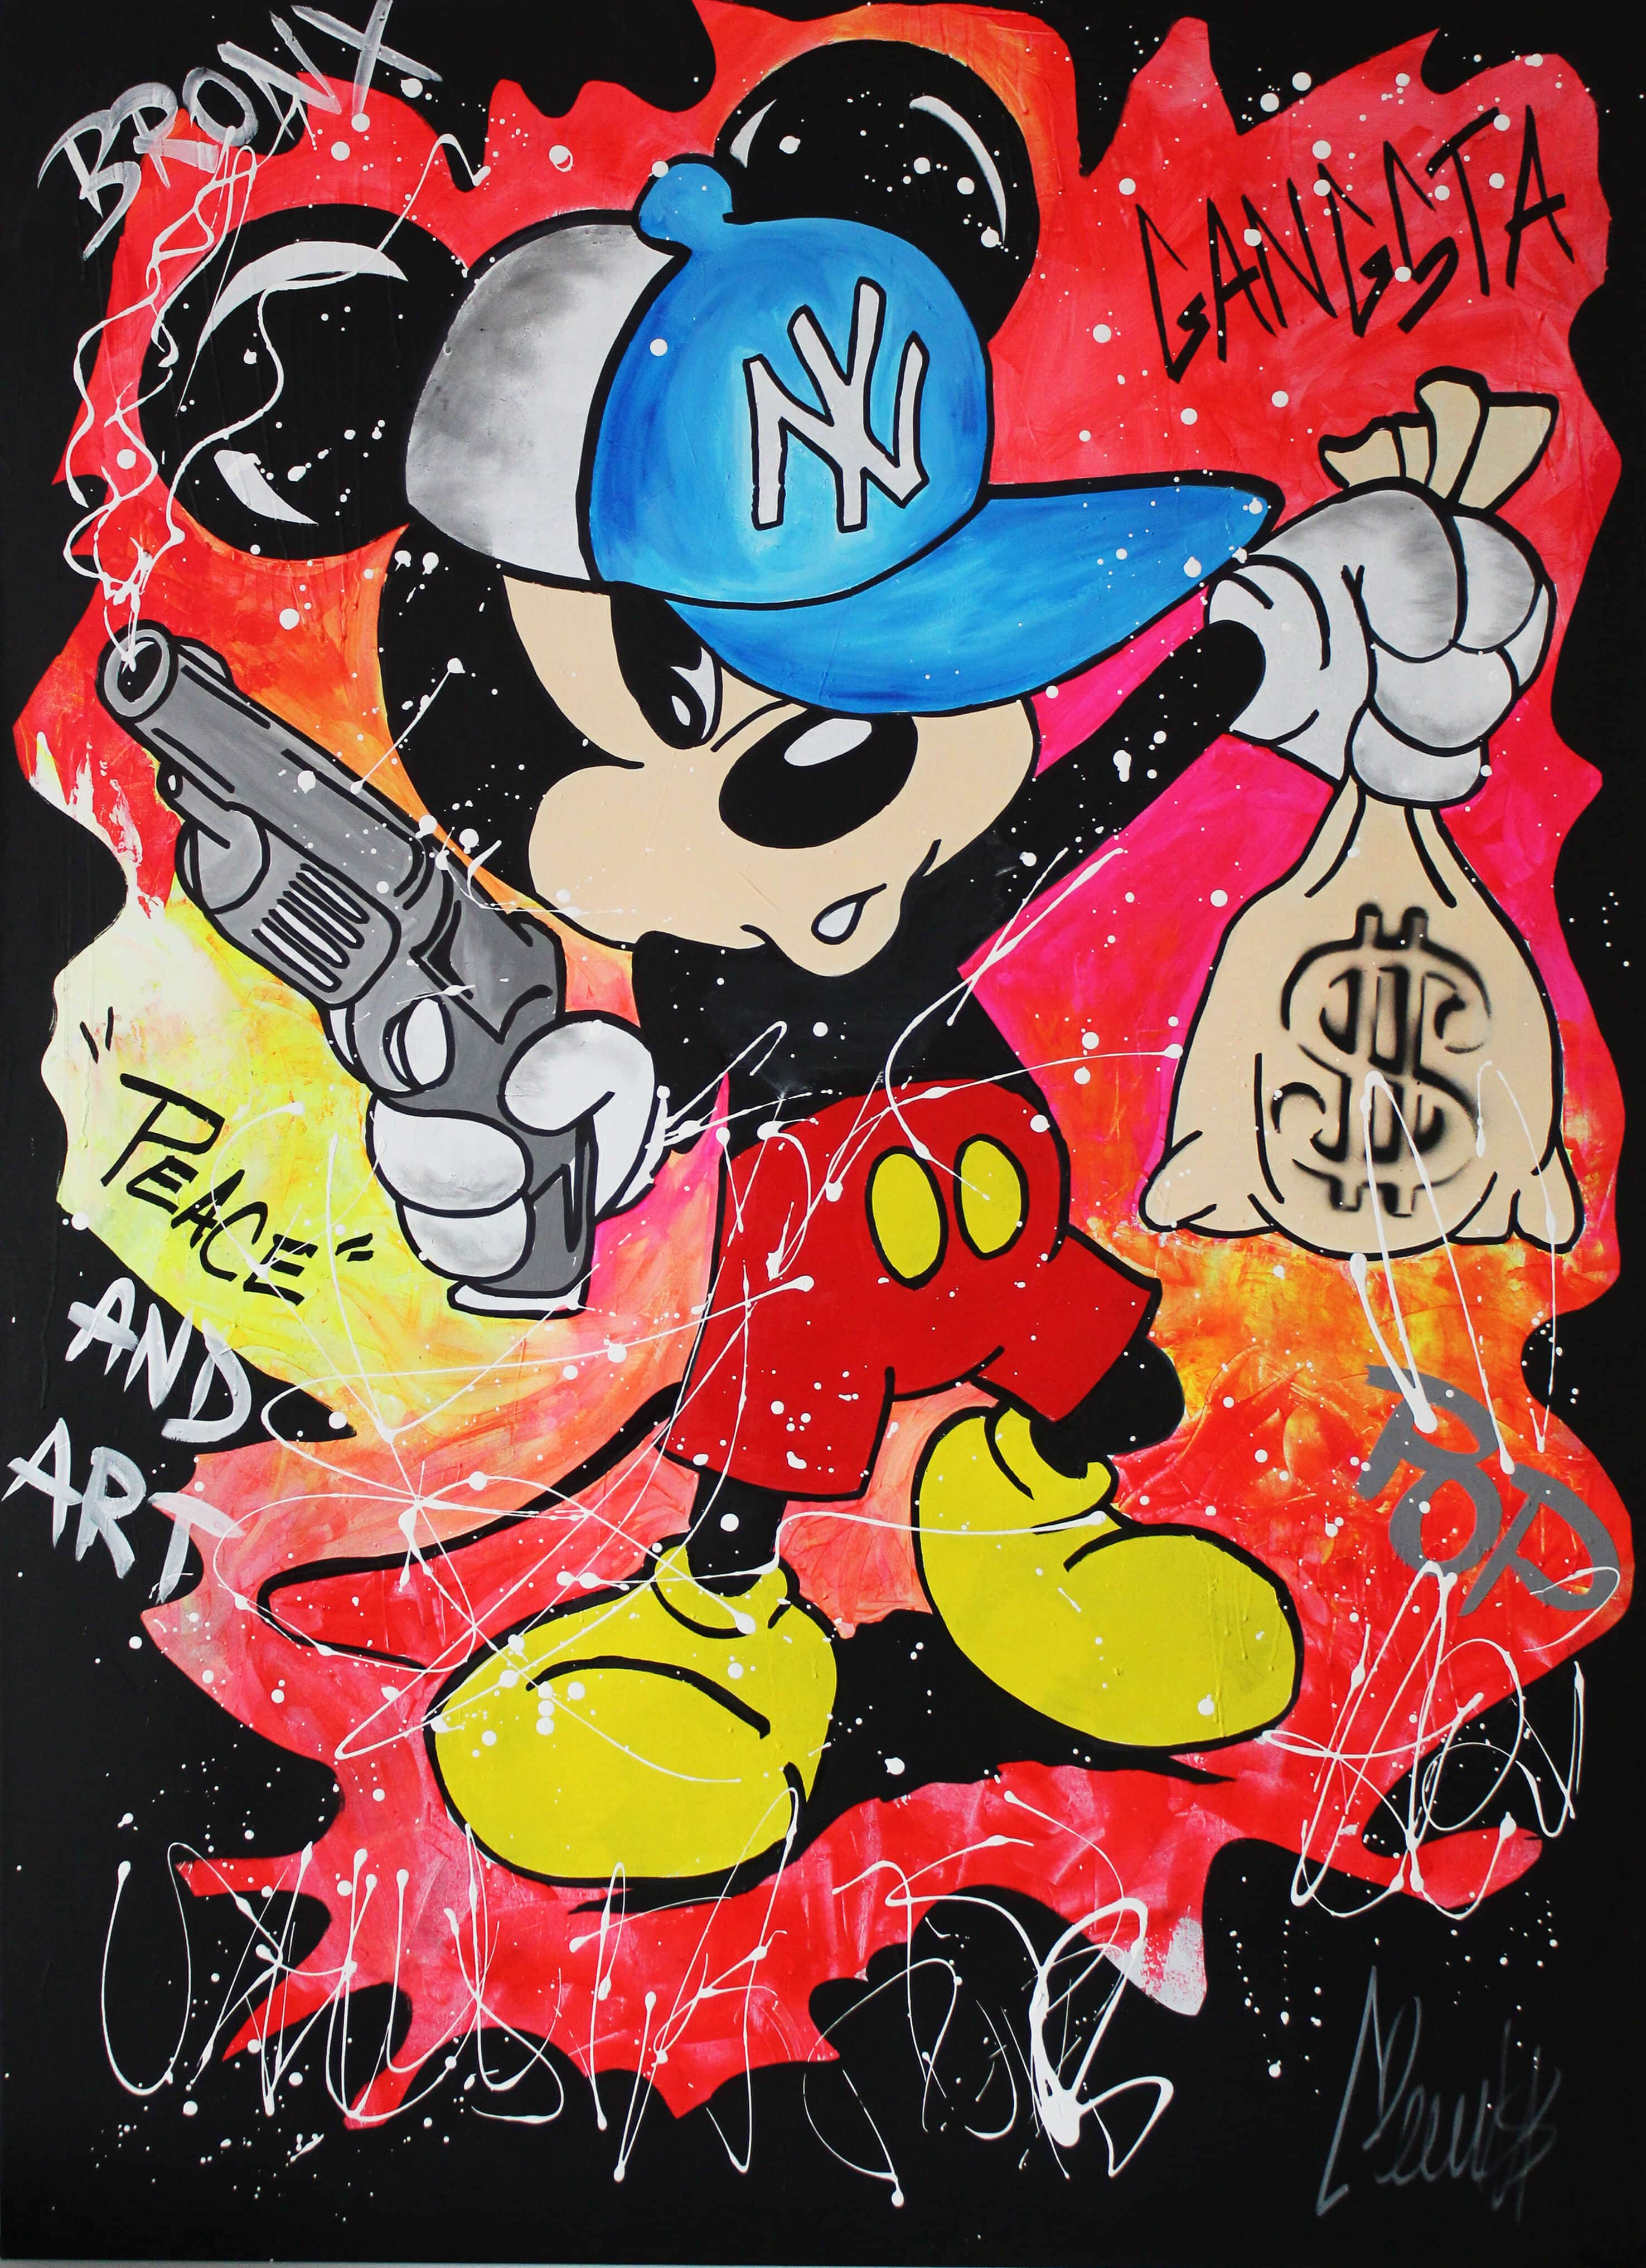 Gangsta Mickey  - Clem$ - Eden Gallery